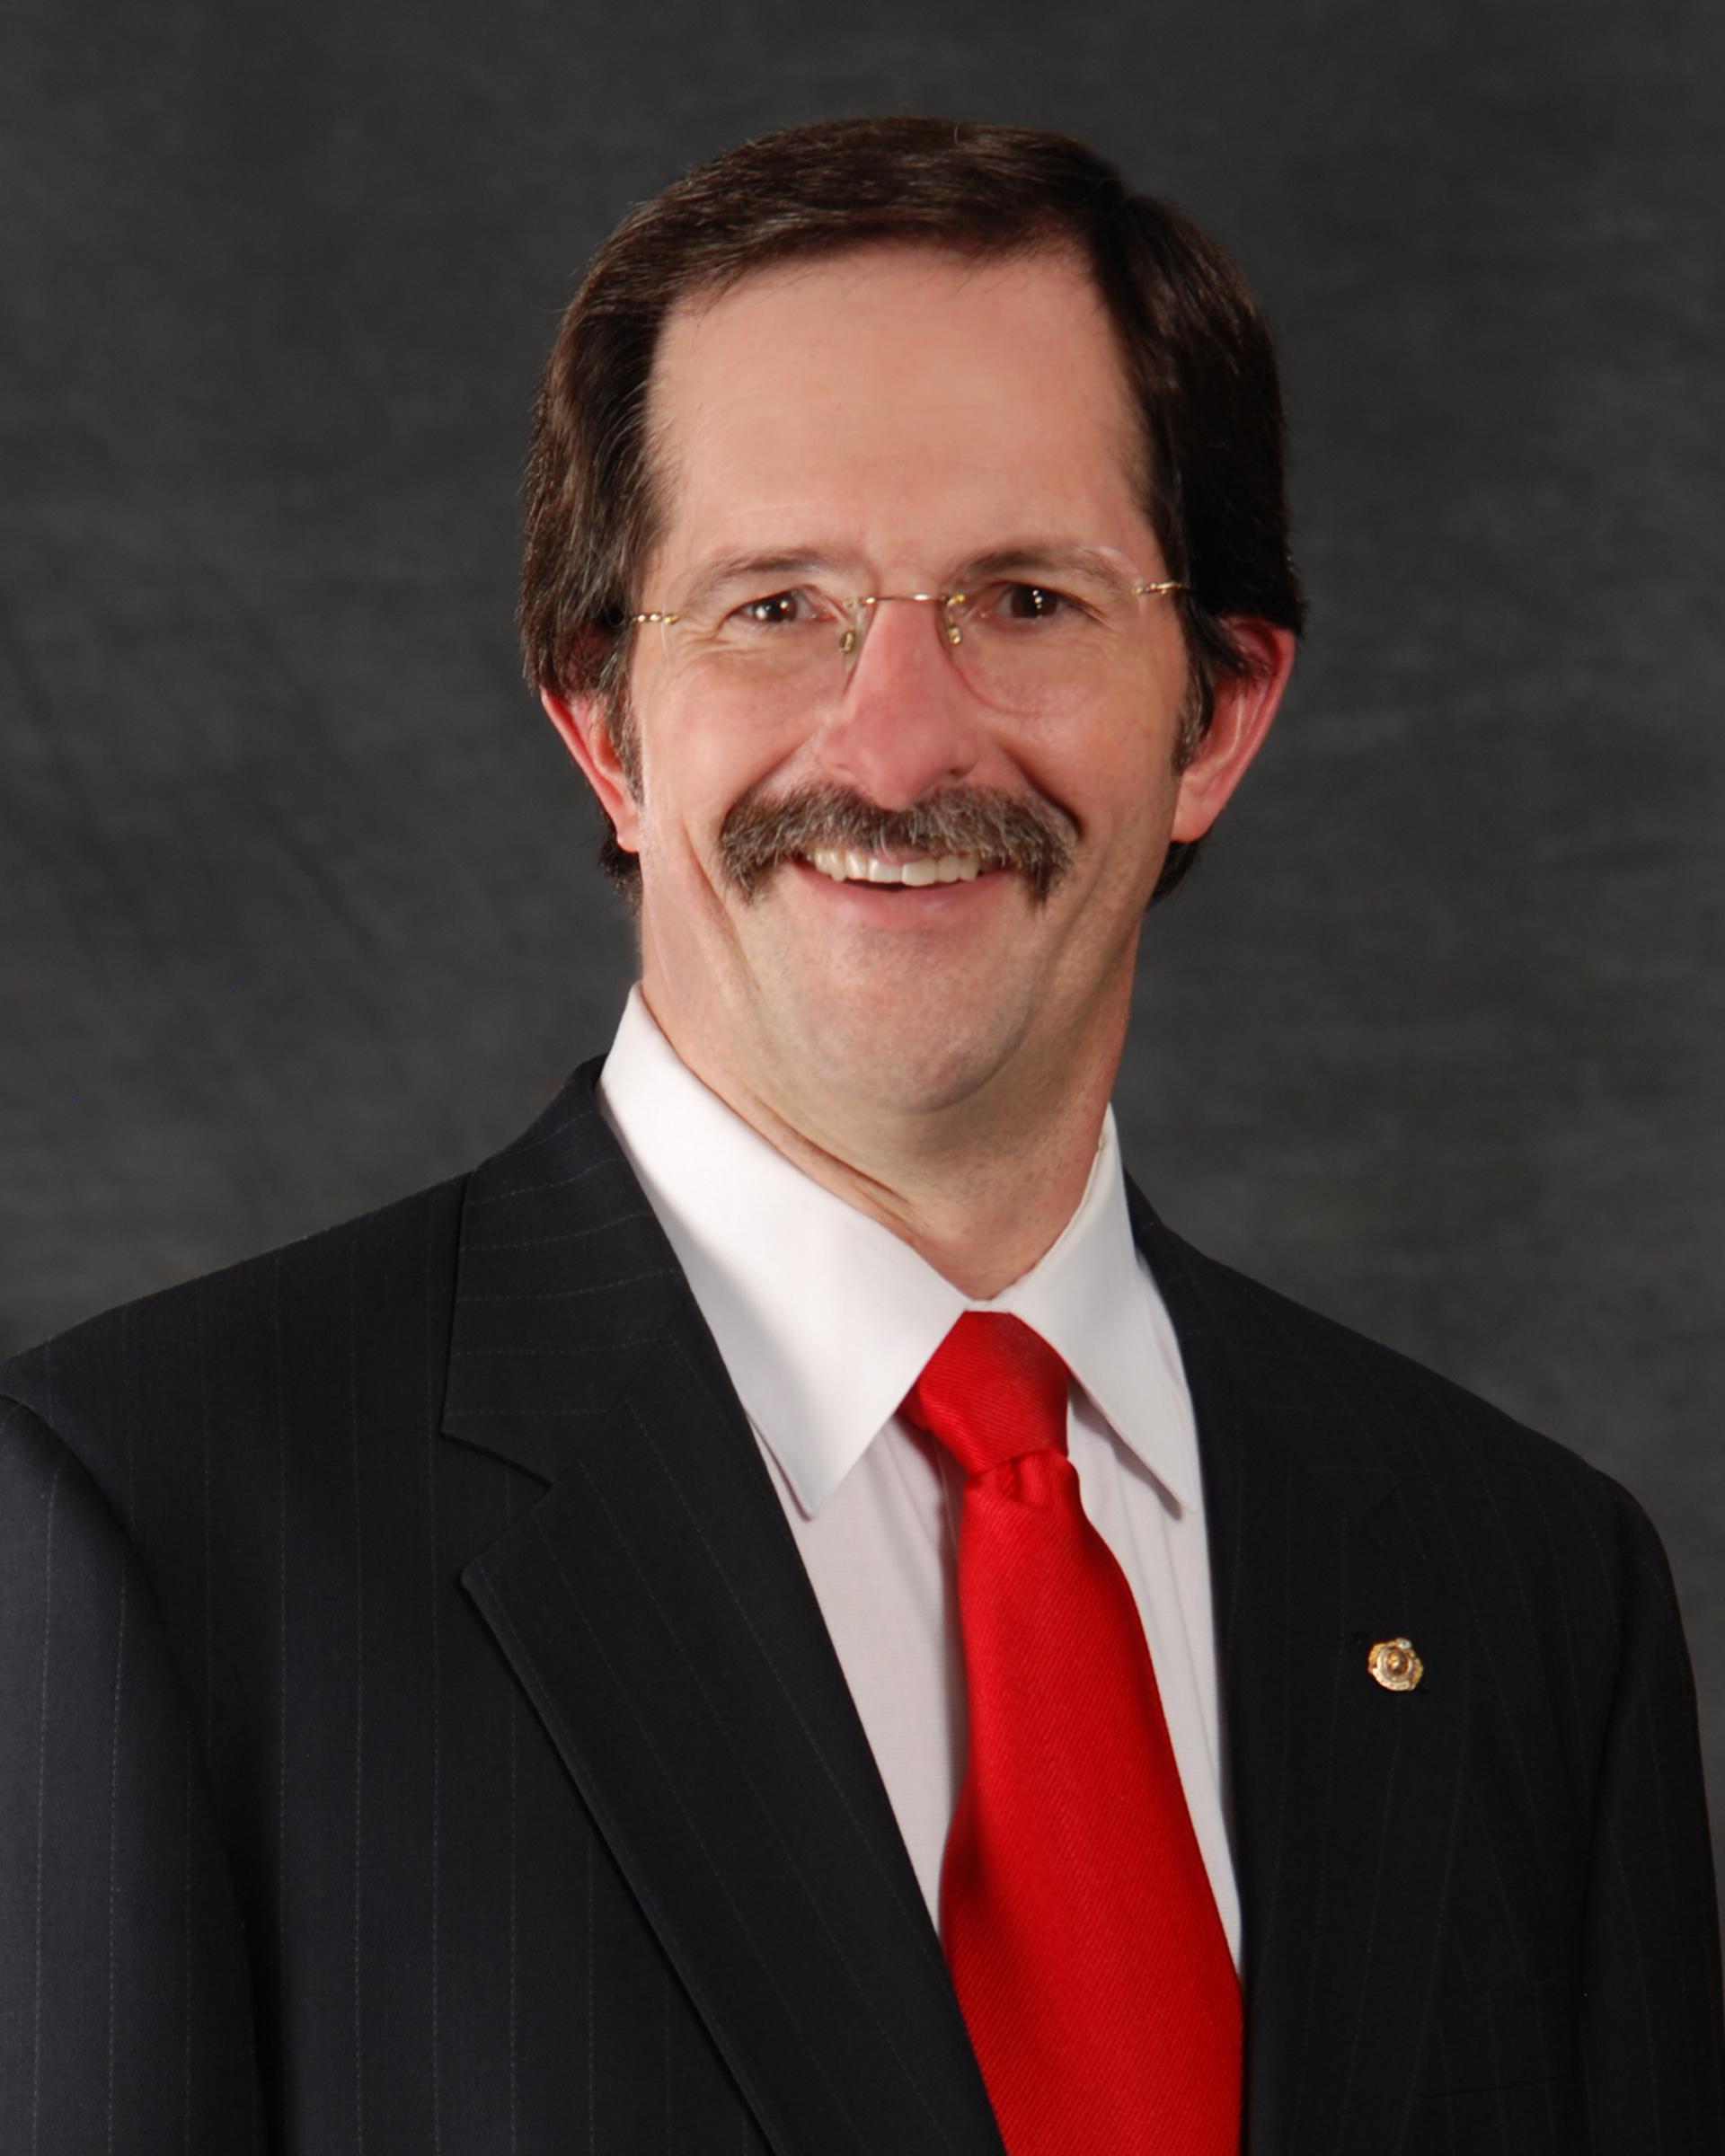 Robert E. Barnhill III, Attorney, CPA/PFS, CFP&reg